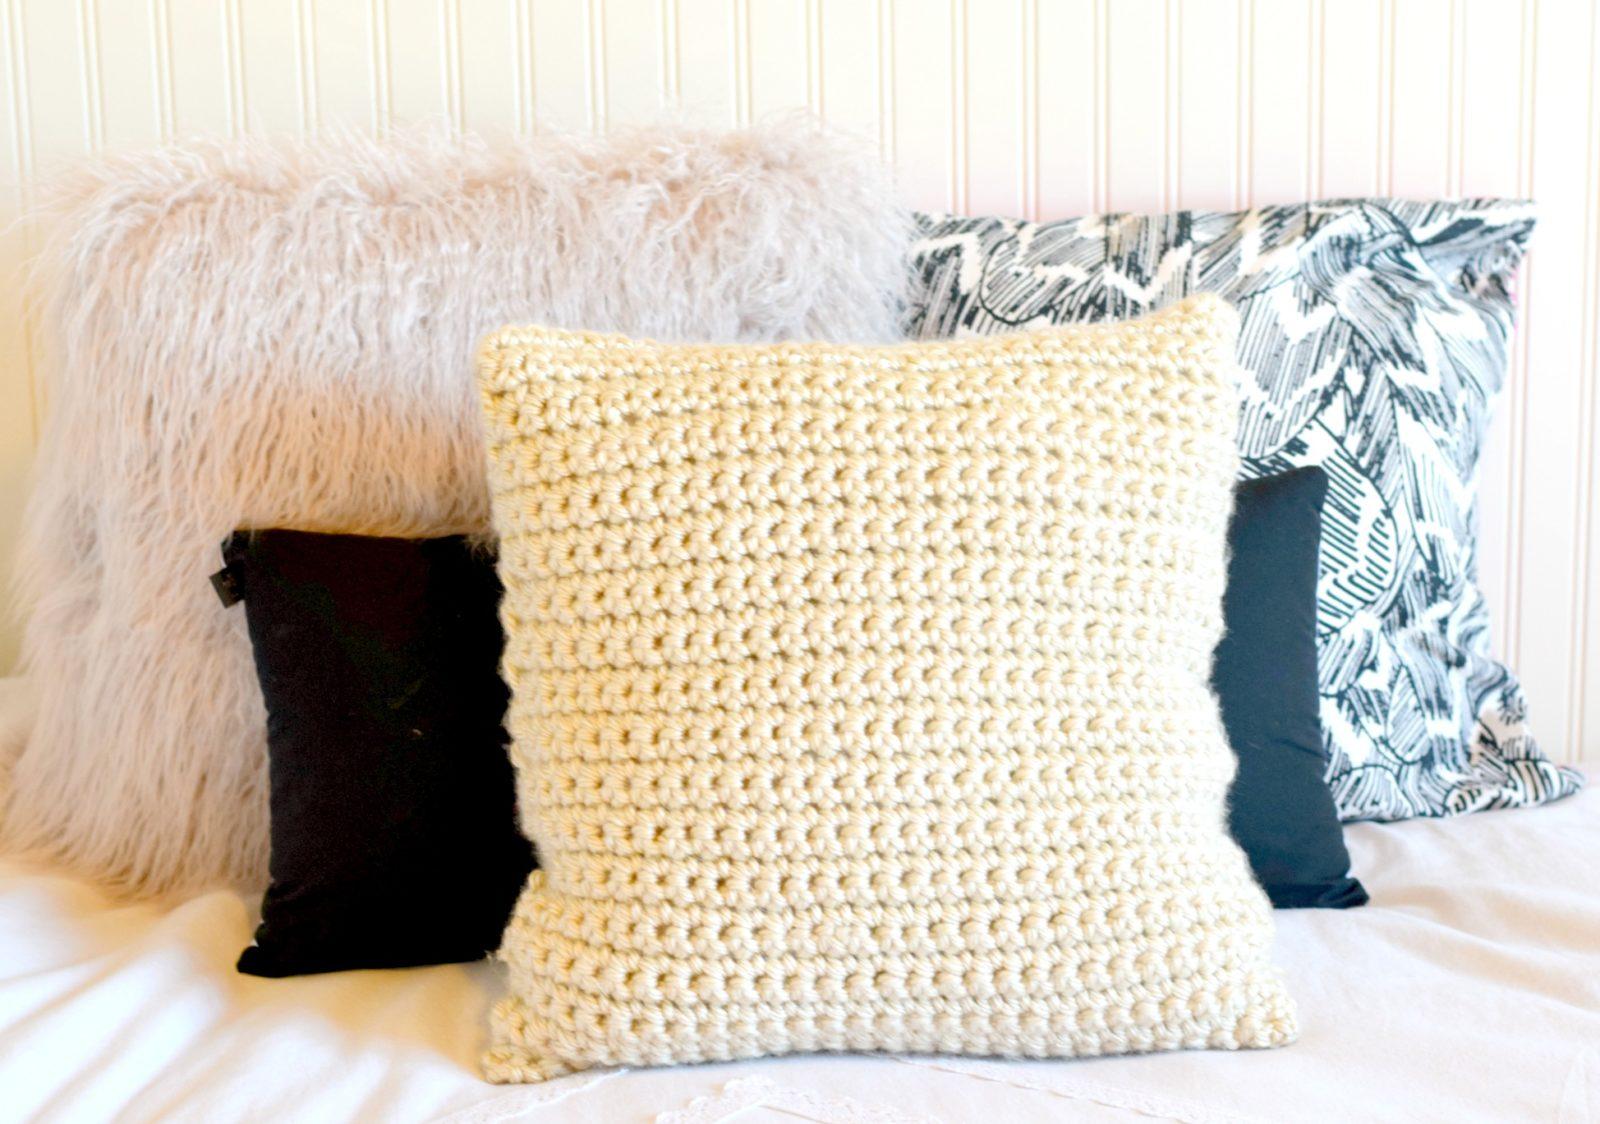 crochet pillow crochet-chunky-pillow-pattern qcoglui